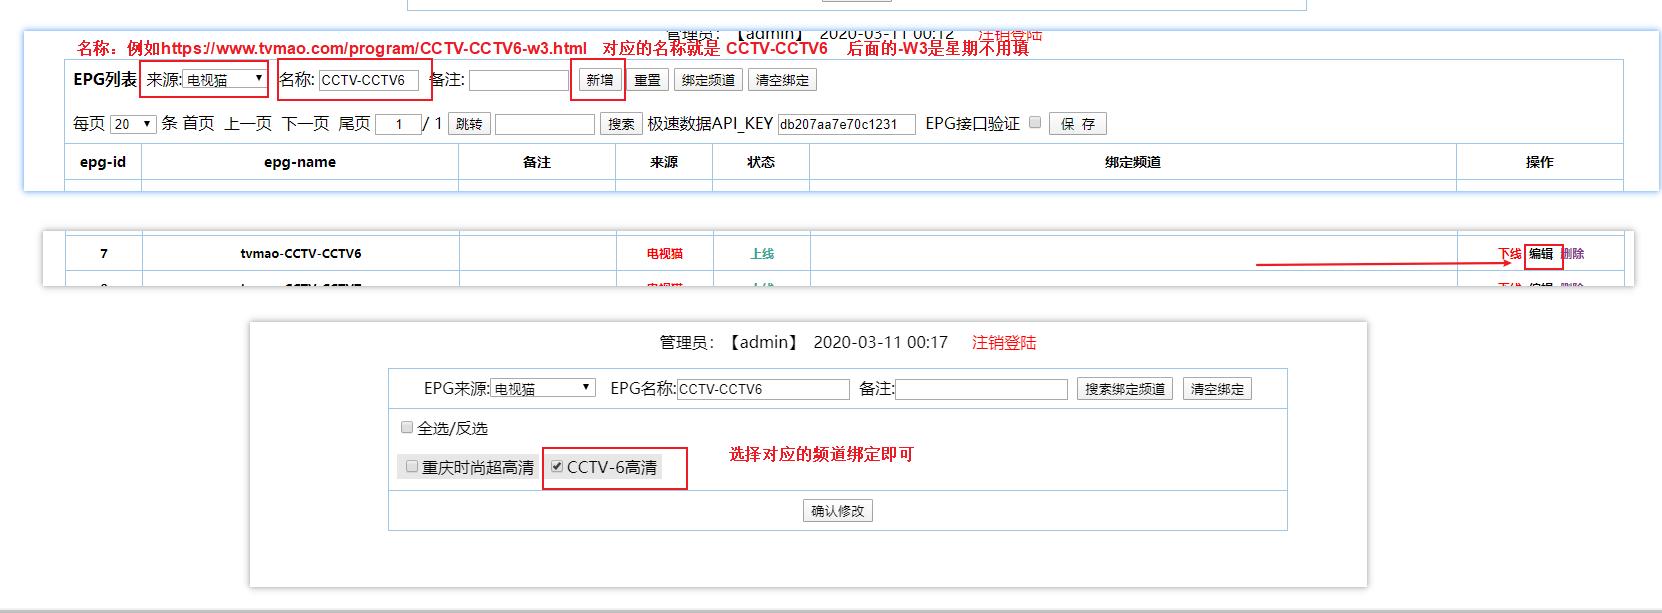 骆驼IPTV直播源码魔改修复开源版完美支持天气EPG会员-常网小站Miknio